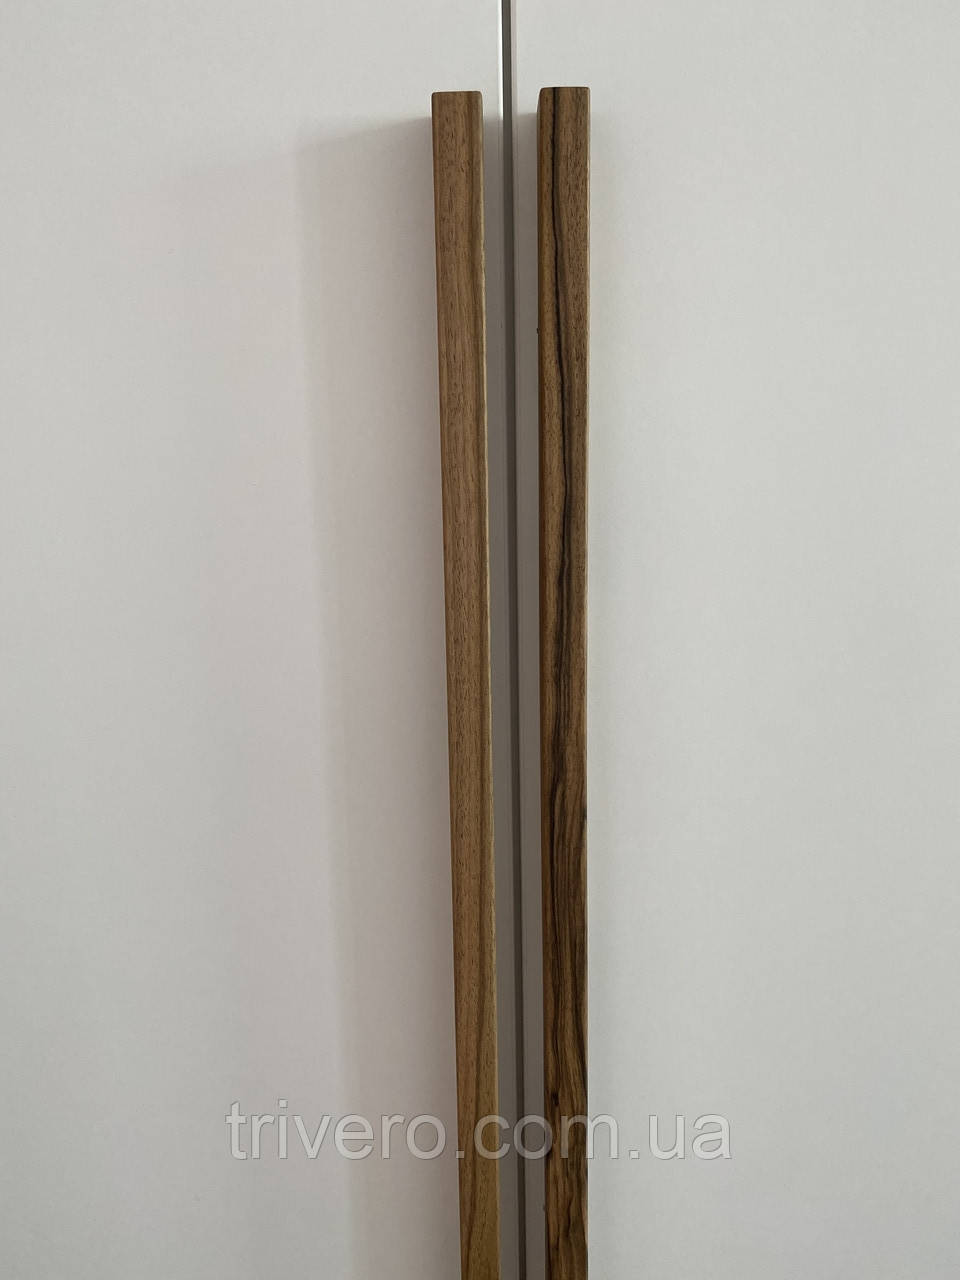 Длинная дизайнерская мебельная ручка планка деревянная орех